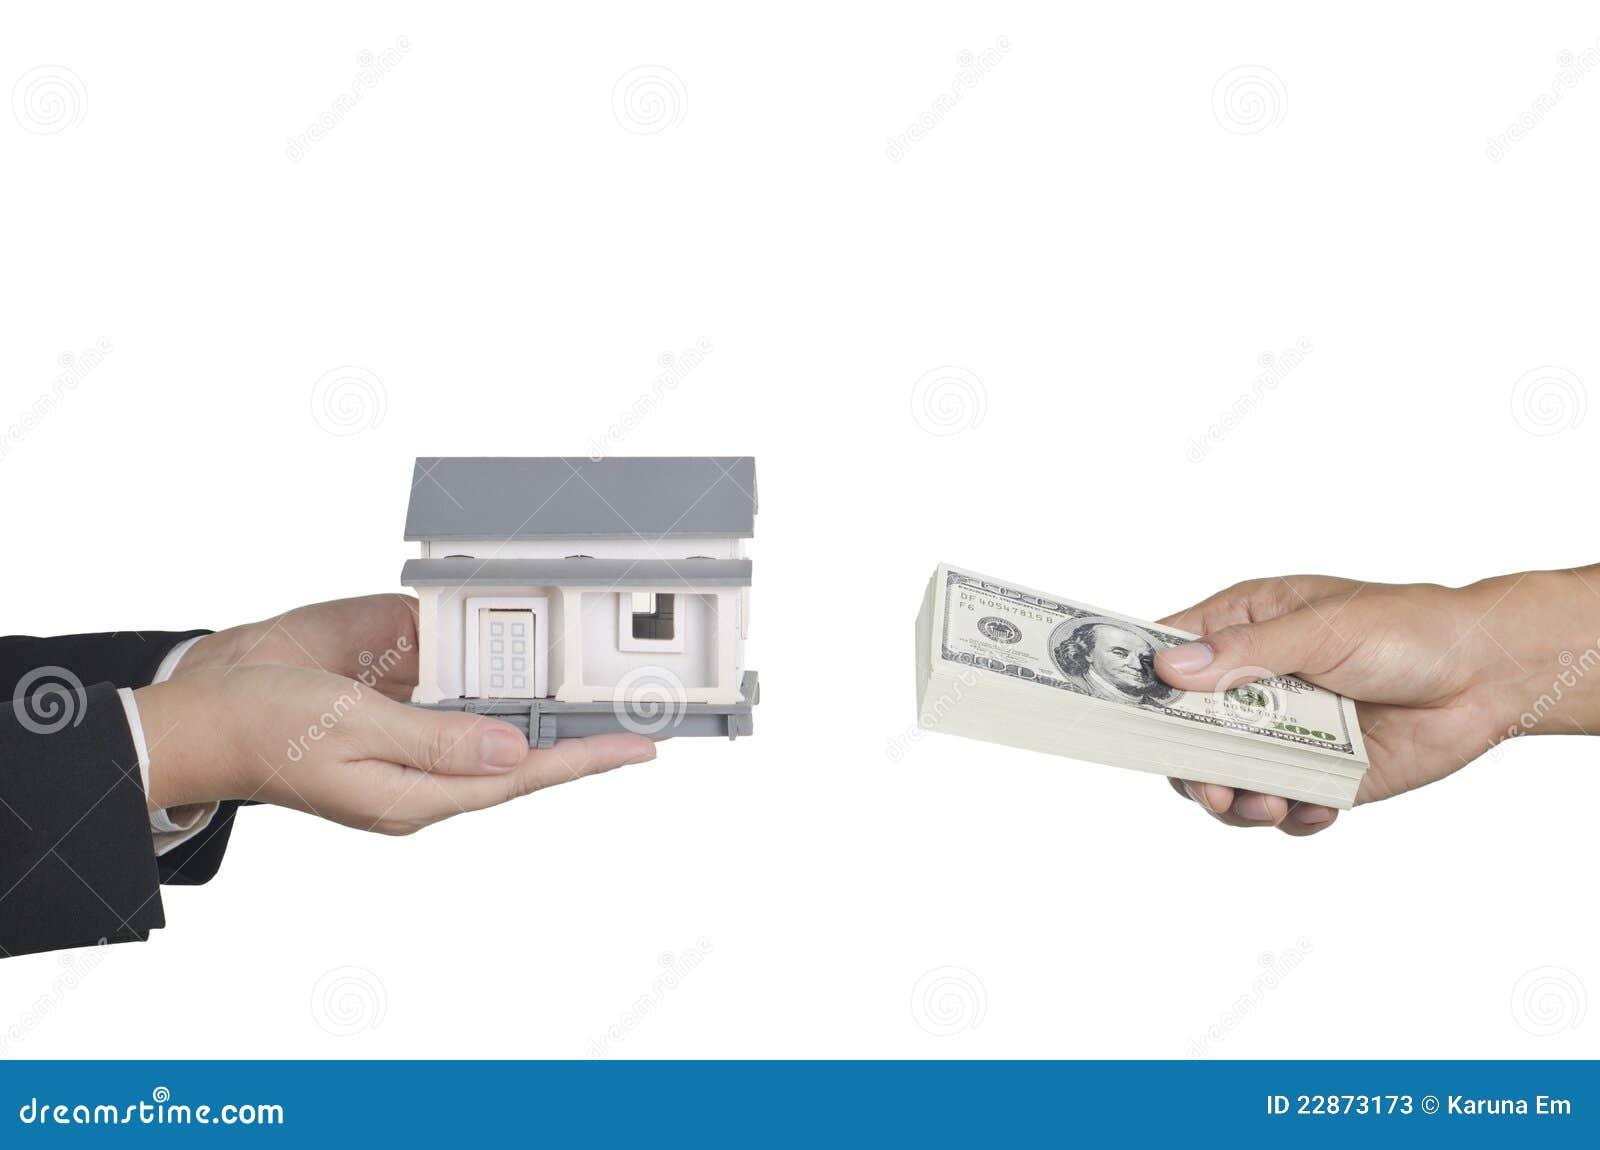 Real Estate Transaction : Real estate transaction concept stock photos image